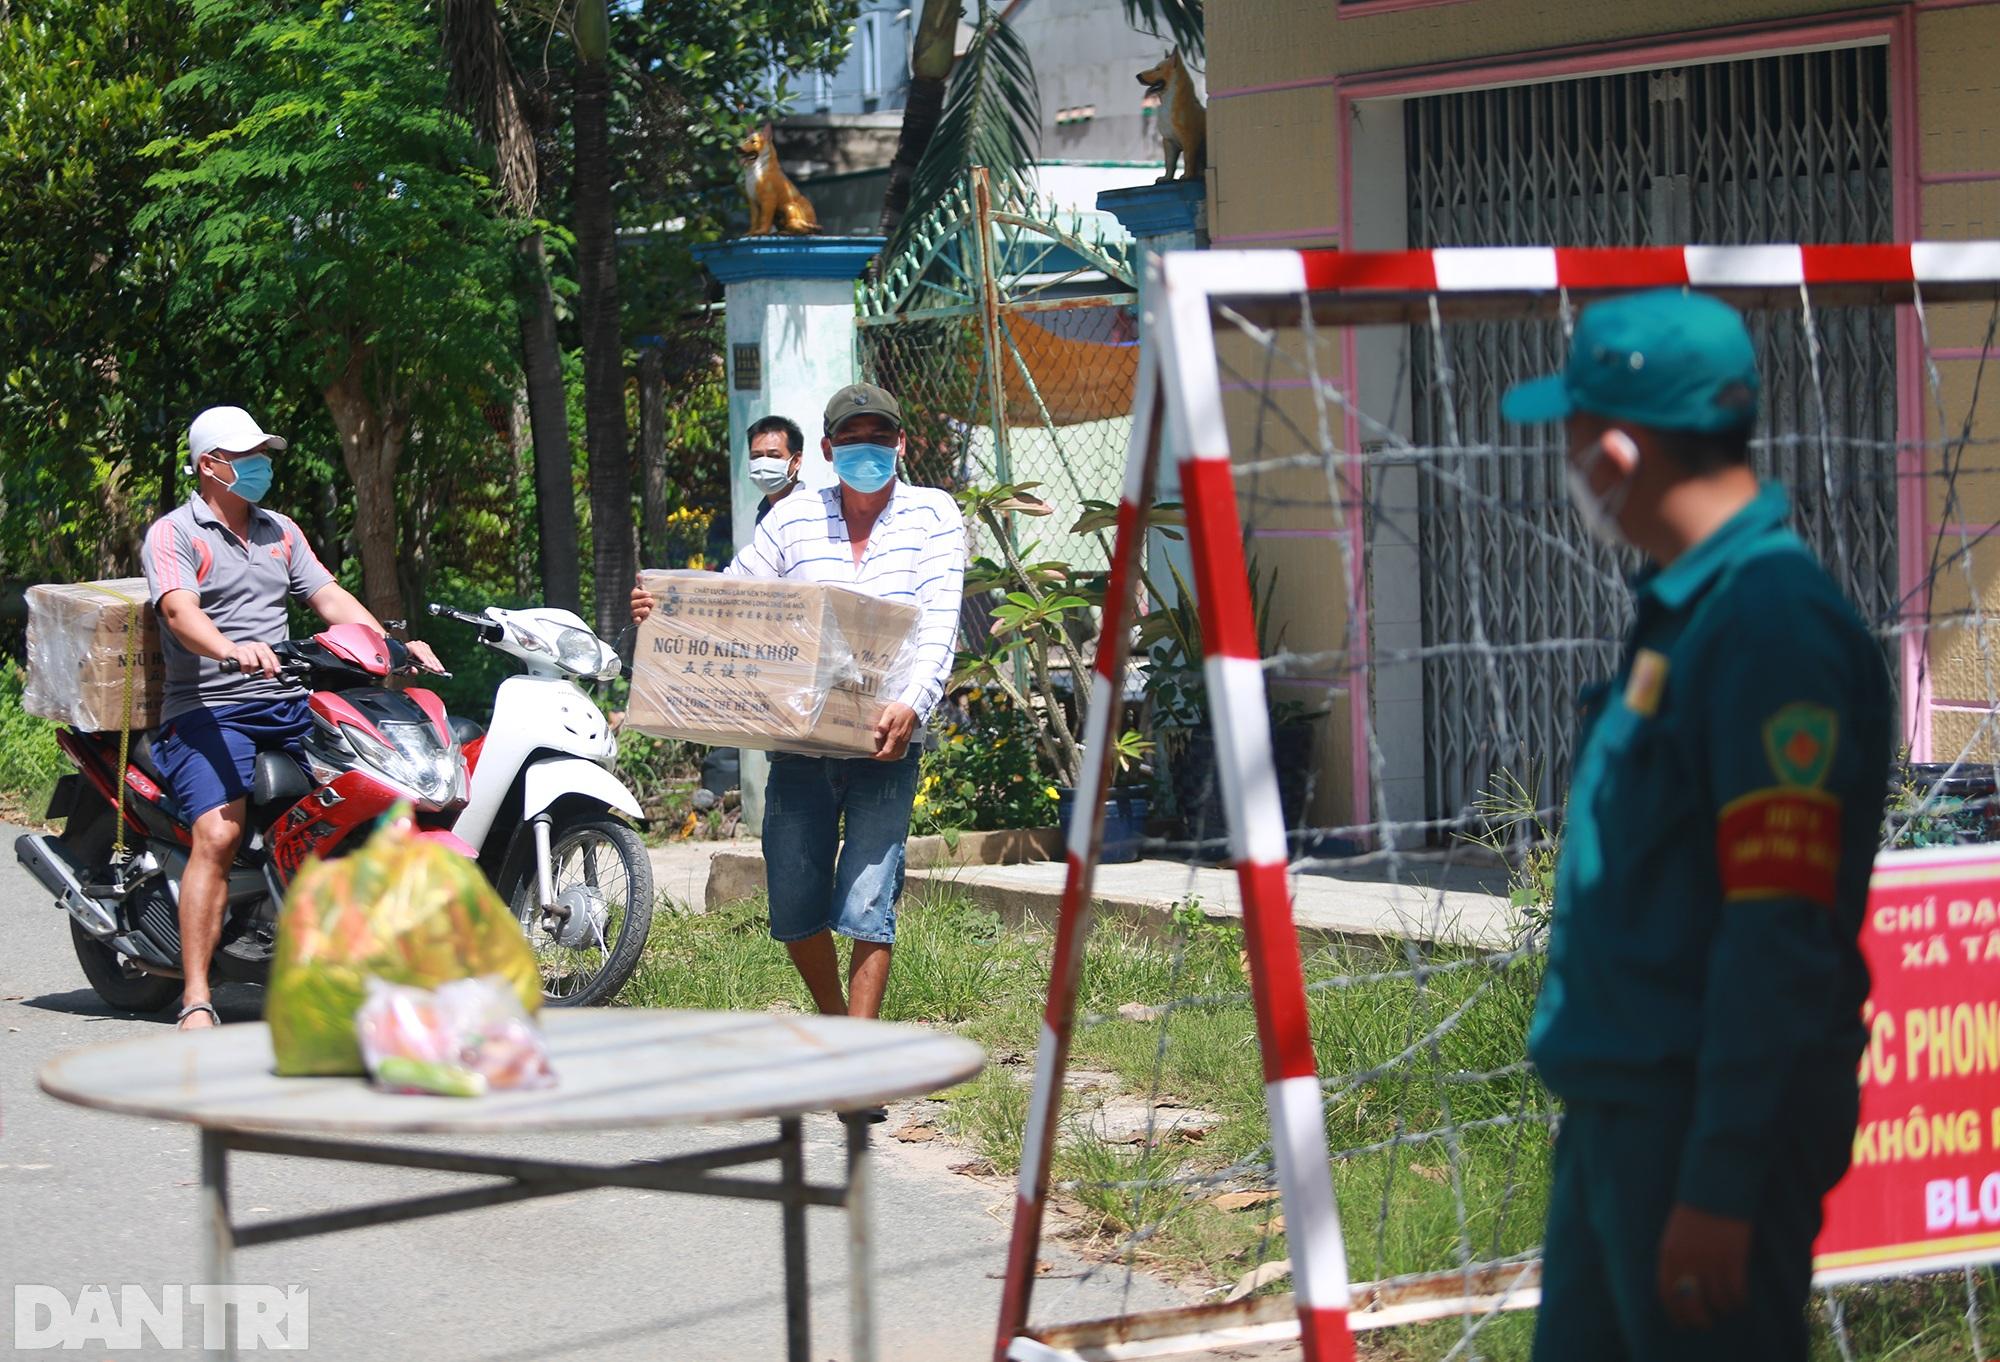 Phong tỏa ổ dịch có 16 ca nhiễm SARS-CoV-2 trong khu hơn 1.000 dân ở Củ Chi - 9